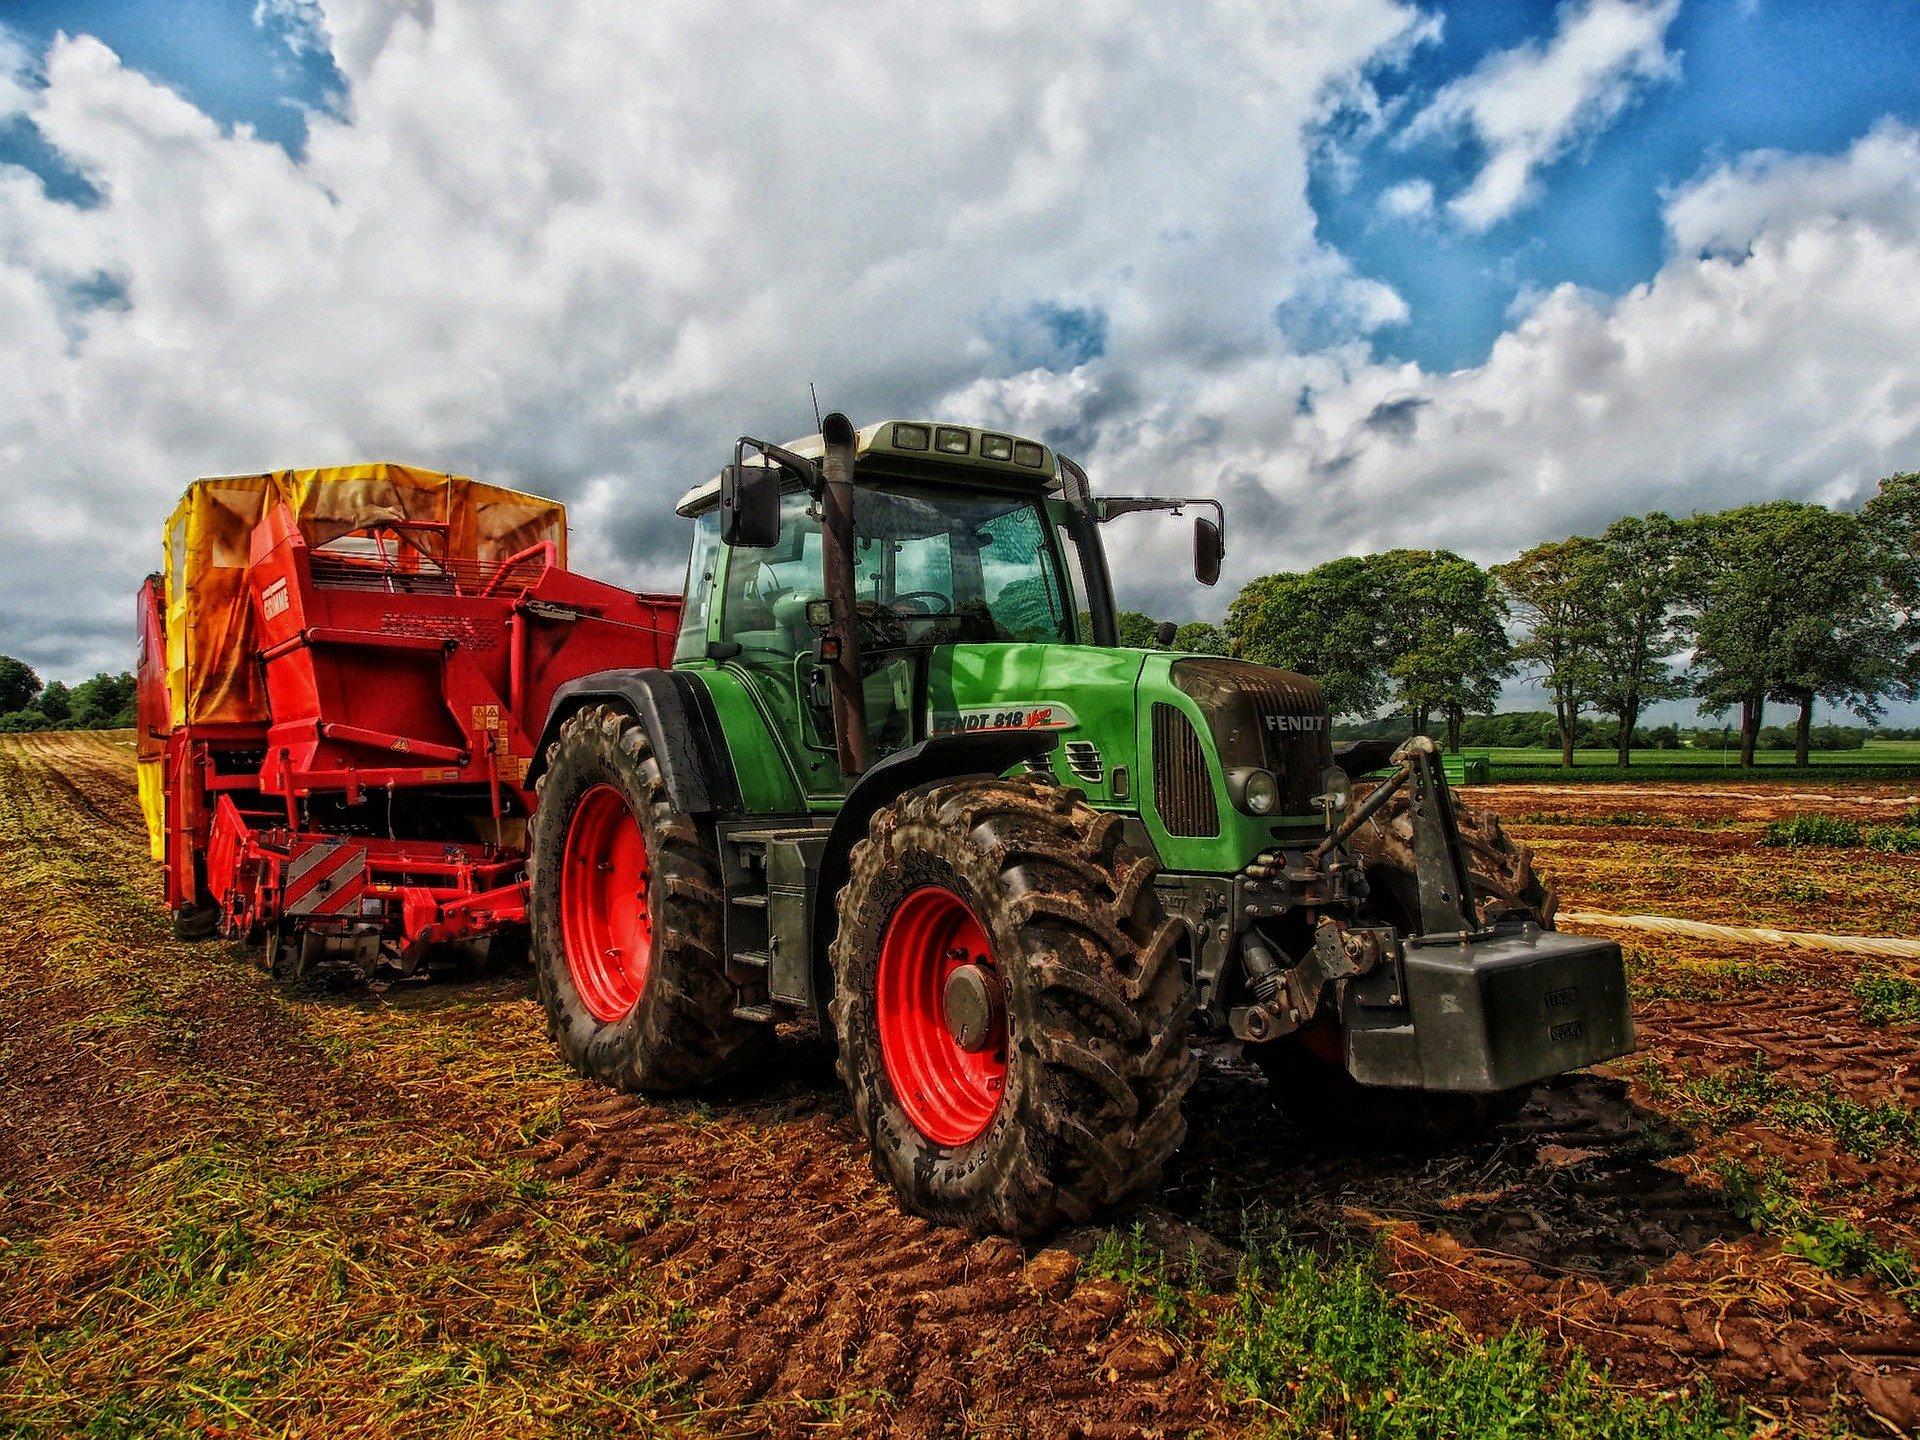 Seguro para máquinas agrícolas: veja como funciona!